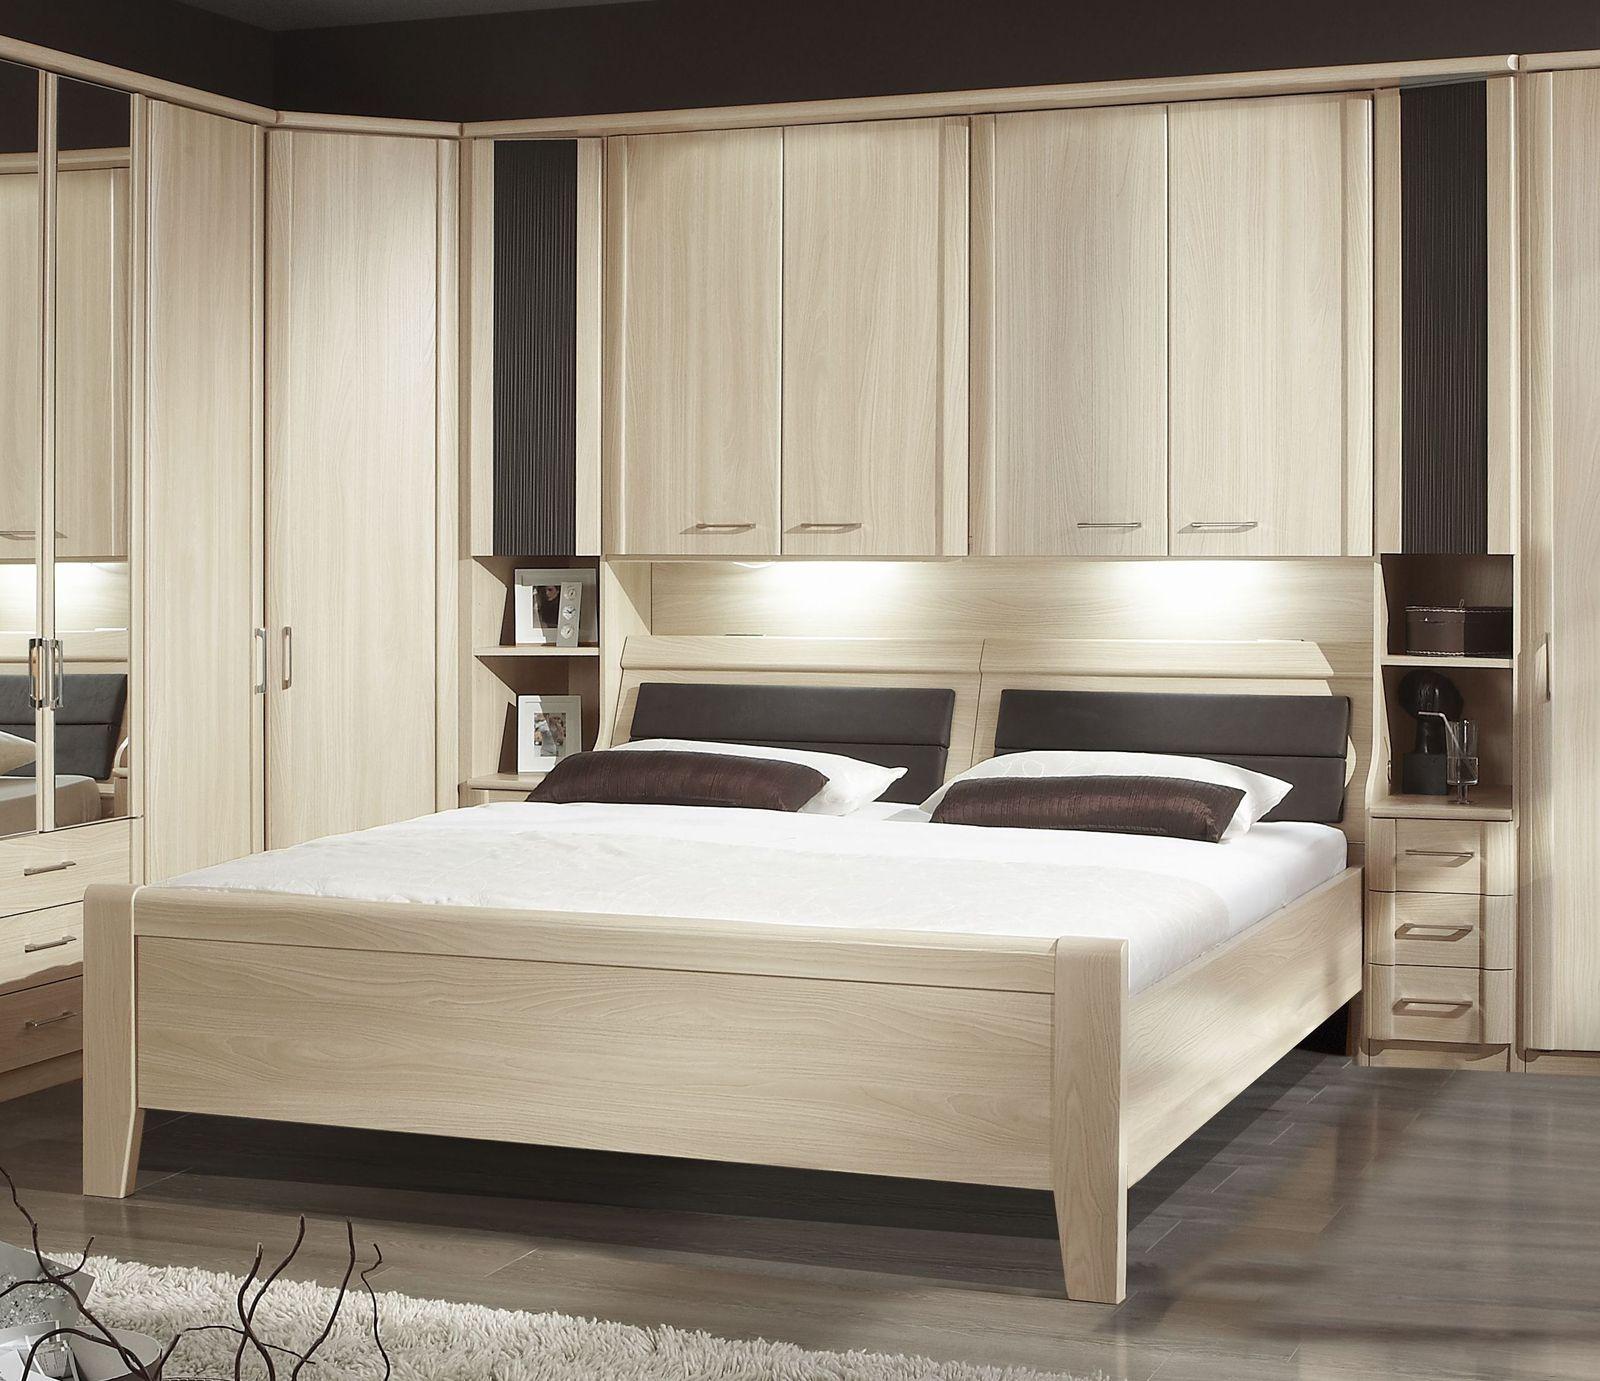 Seniorenbett Mit Bettkasten Fur Uberbau Schlafzimmer Palena